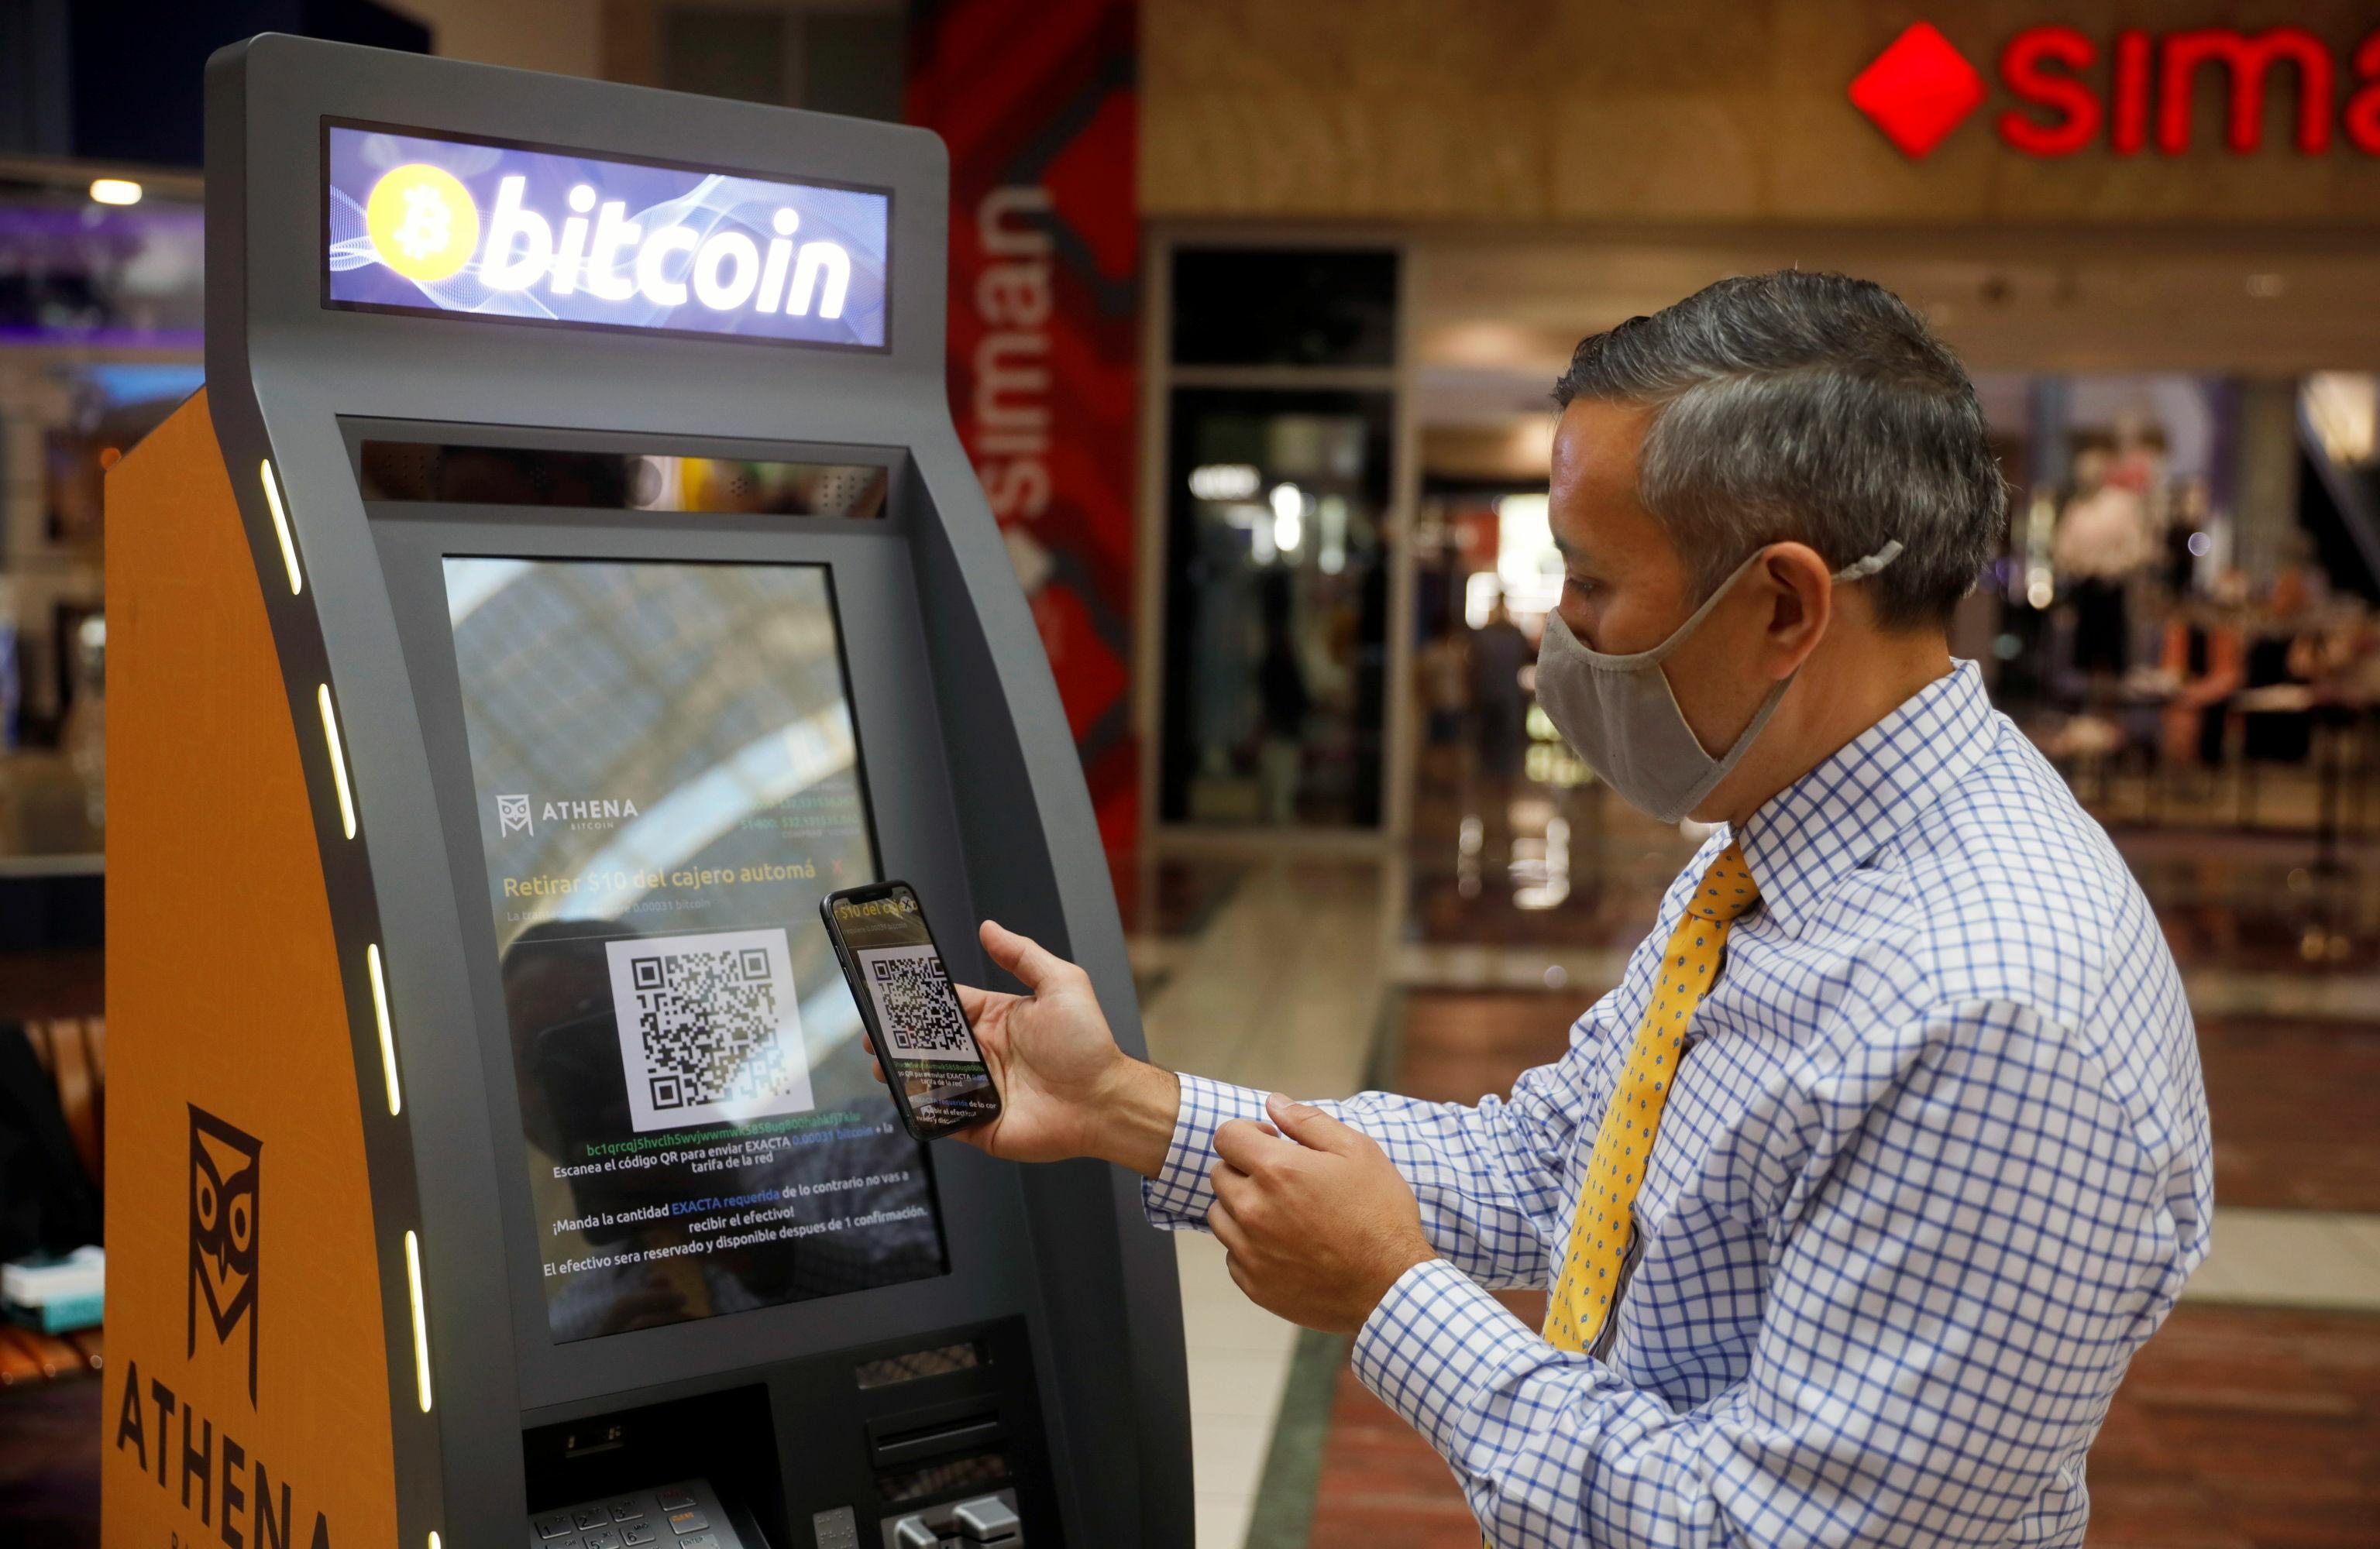 Bitcoin ATM firması Athena Bitcoin'in CEO'su Eric Gravengaard, başkent San Salvador'a yerleştirilen ATM'leri tanıtıp kullanımının nasıl olacağını gösterdi. Ülkede ATM'lere nihai olarak 1500 dolardan fazla yatırım yapmak isteyen Athena'nın hedefi aşamalı olarak 1500 ATM yerleştirmek ve ülkede bir ofis açmak.